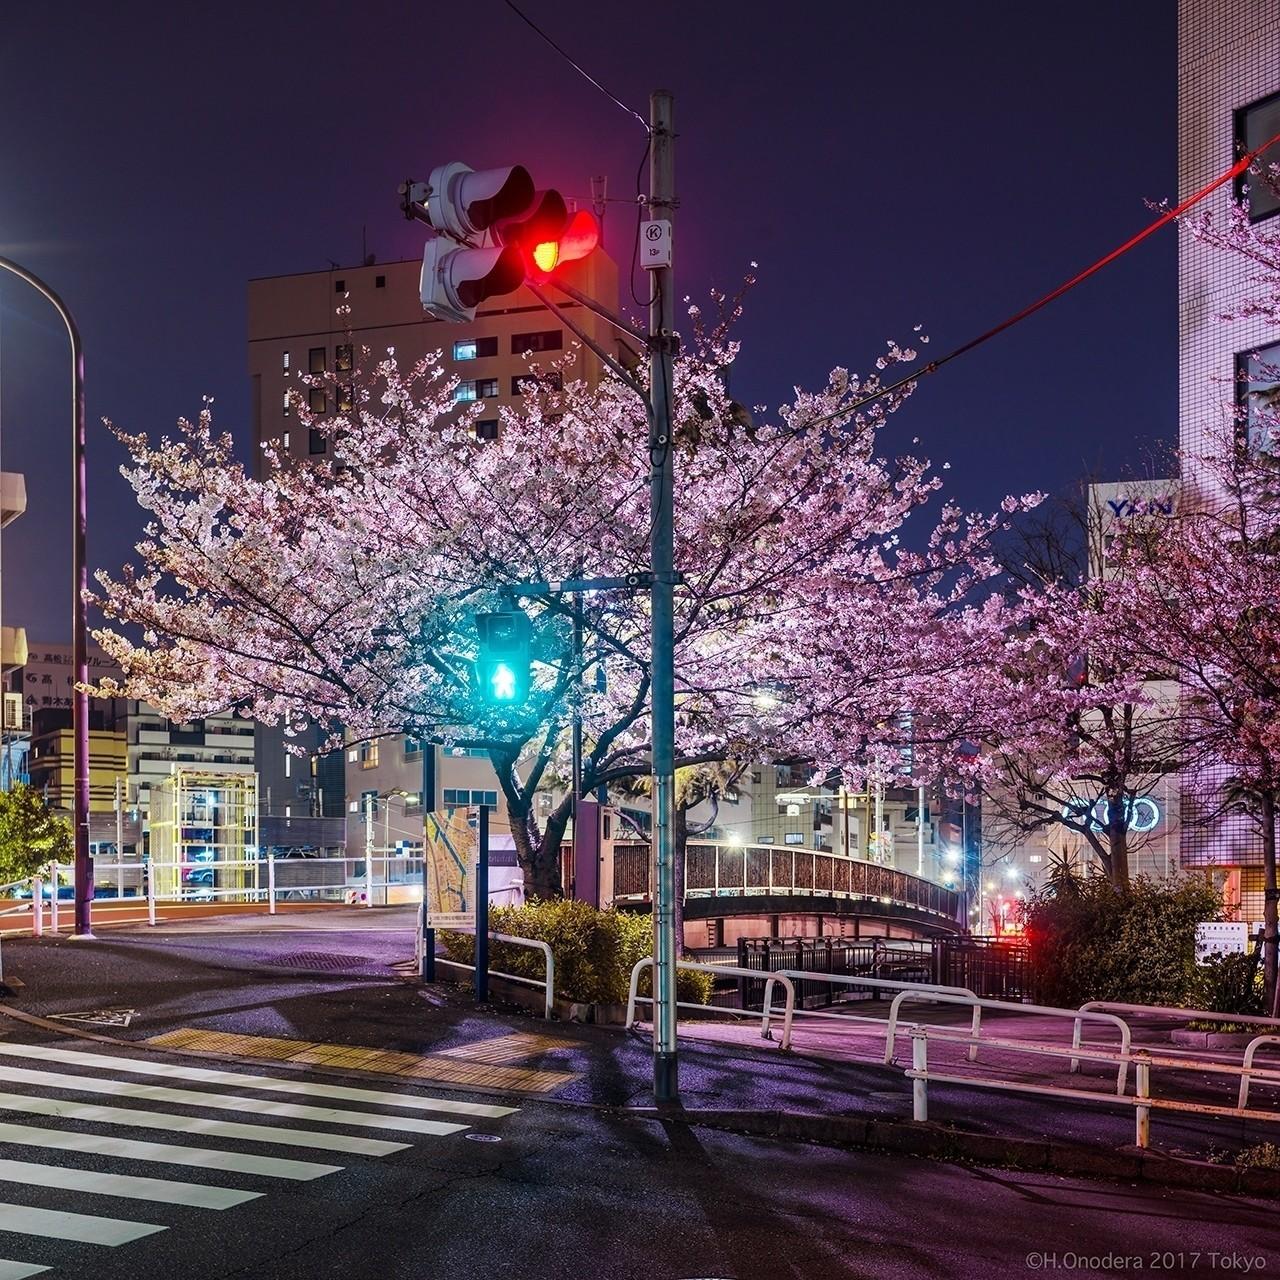 種類:ハシヅメオオモフリッパザクラ 港区(日本野良桜学会)